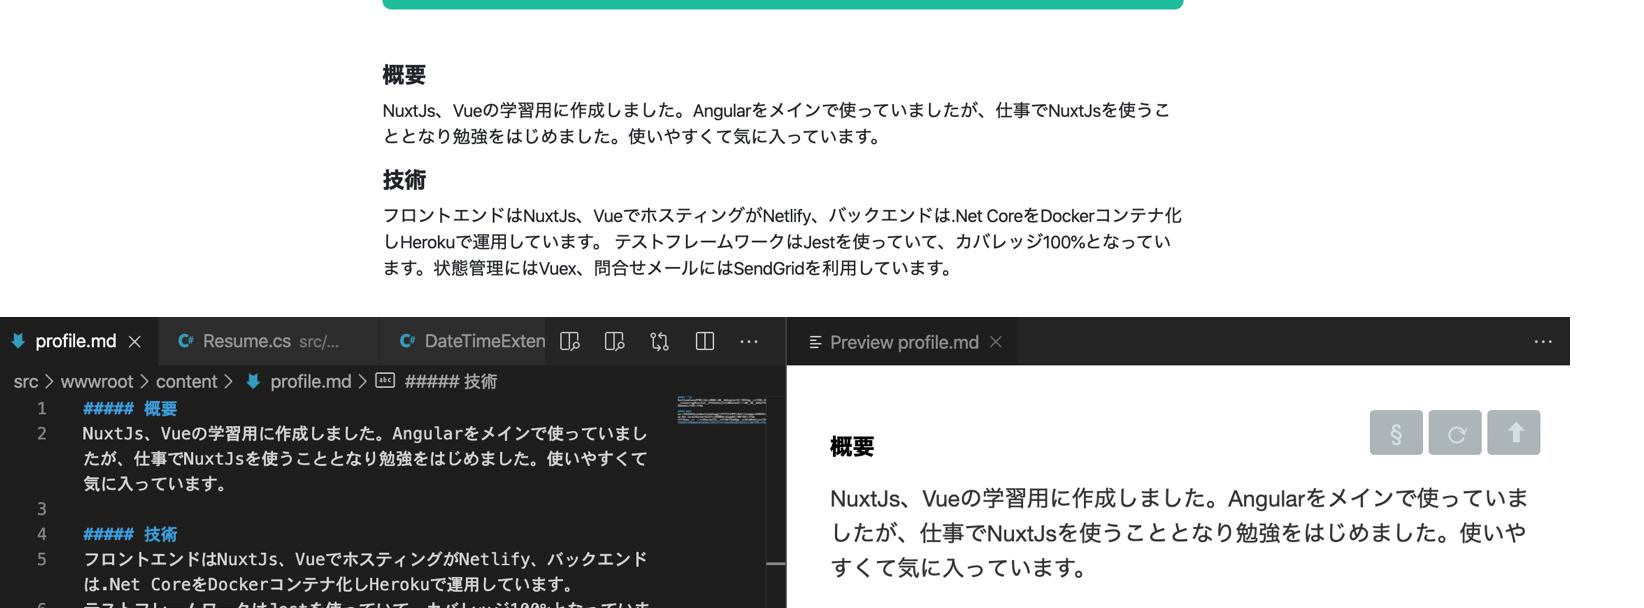 スクリーンショット 2020-01-15 0.41.10.png